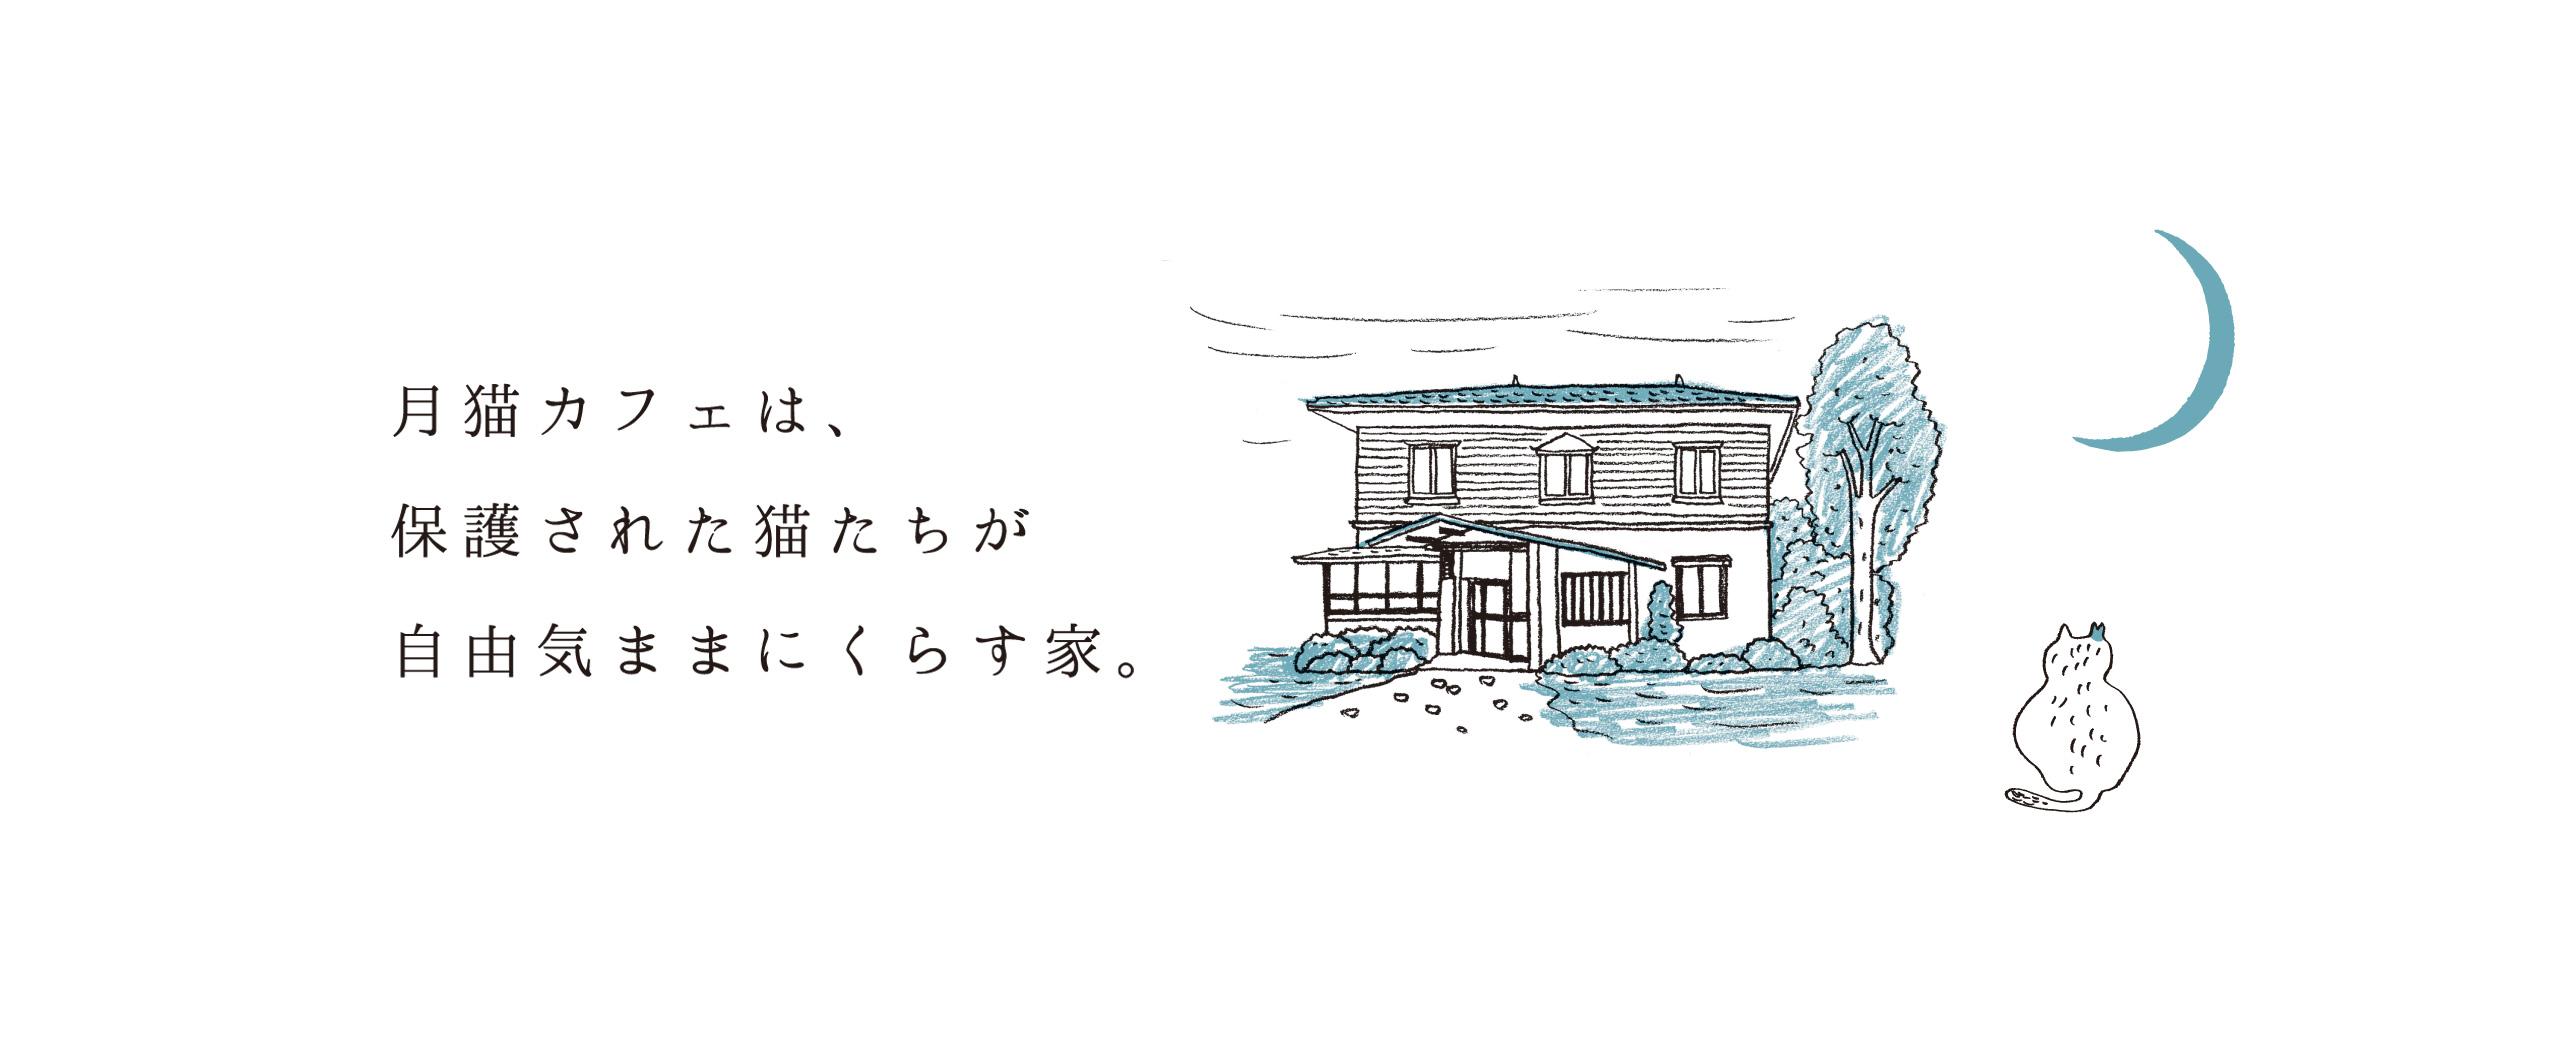 里親さん募集中の譲渡型保護猫カフェ